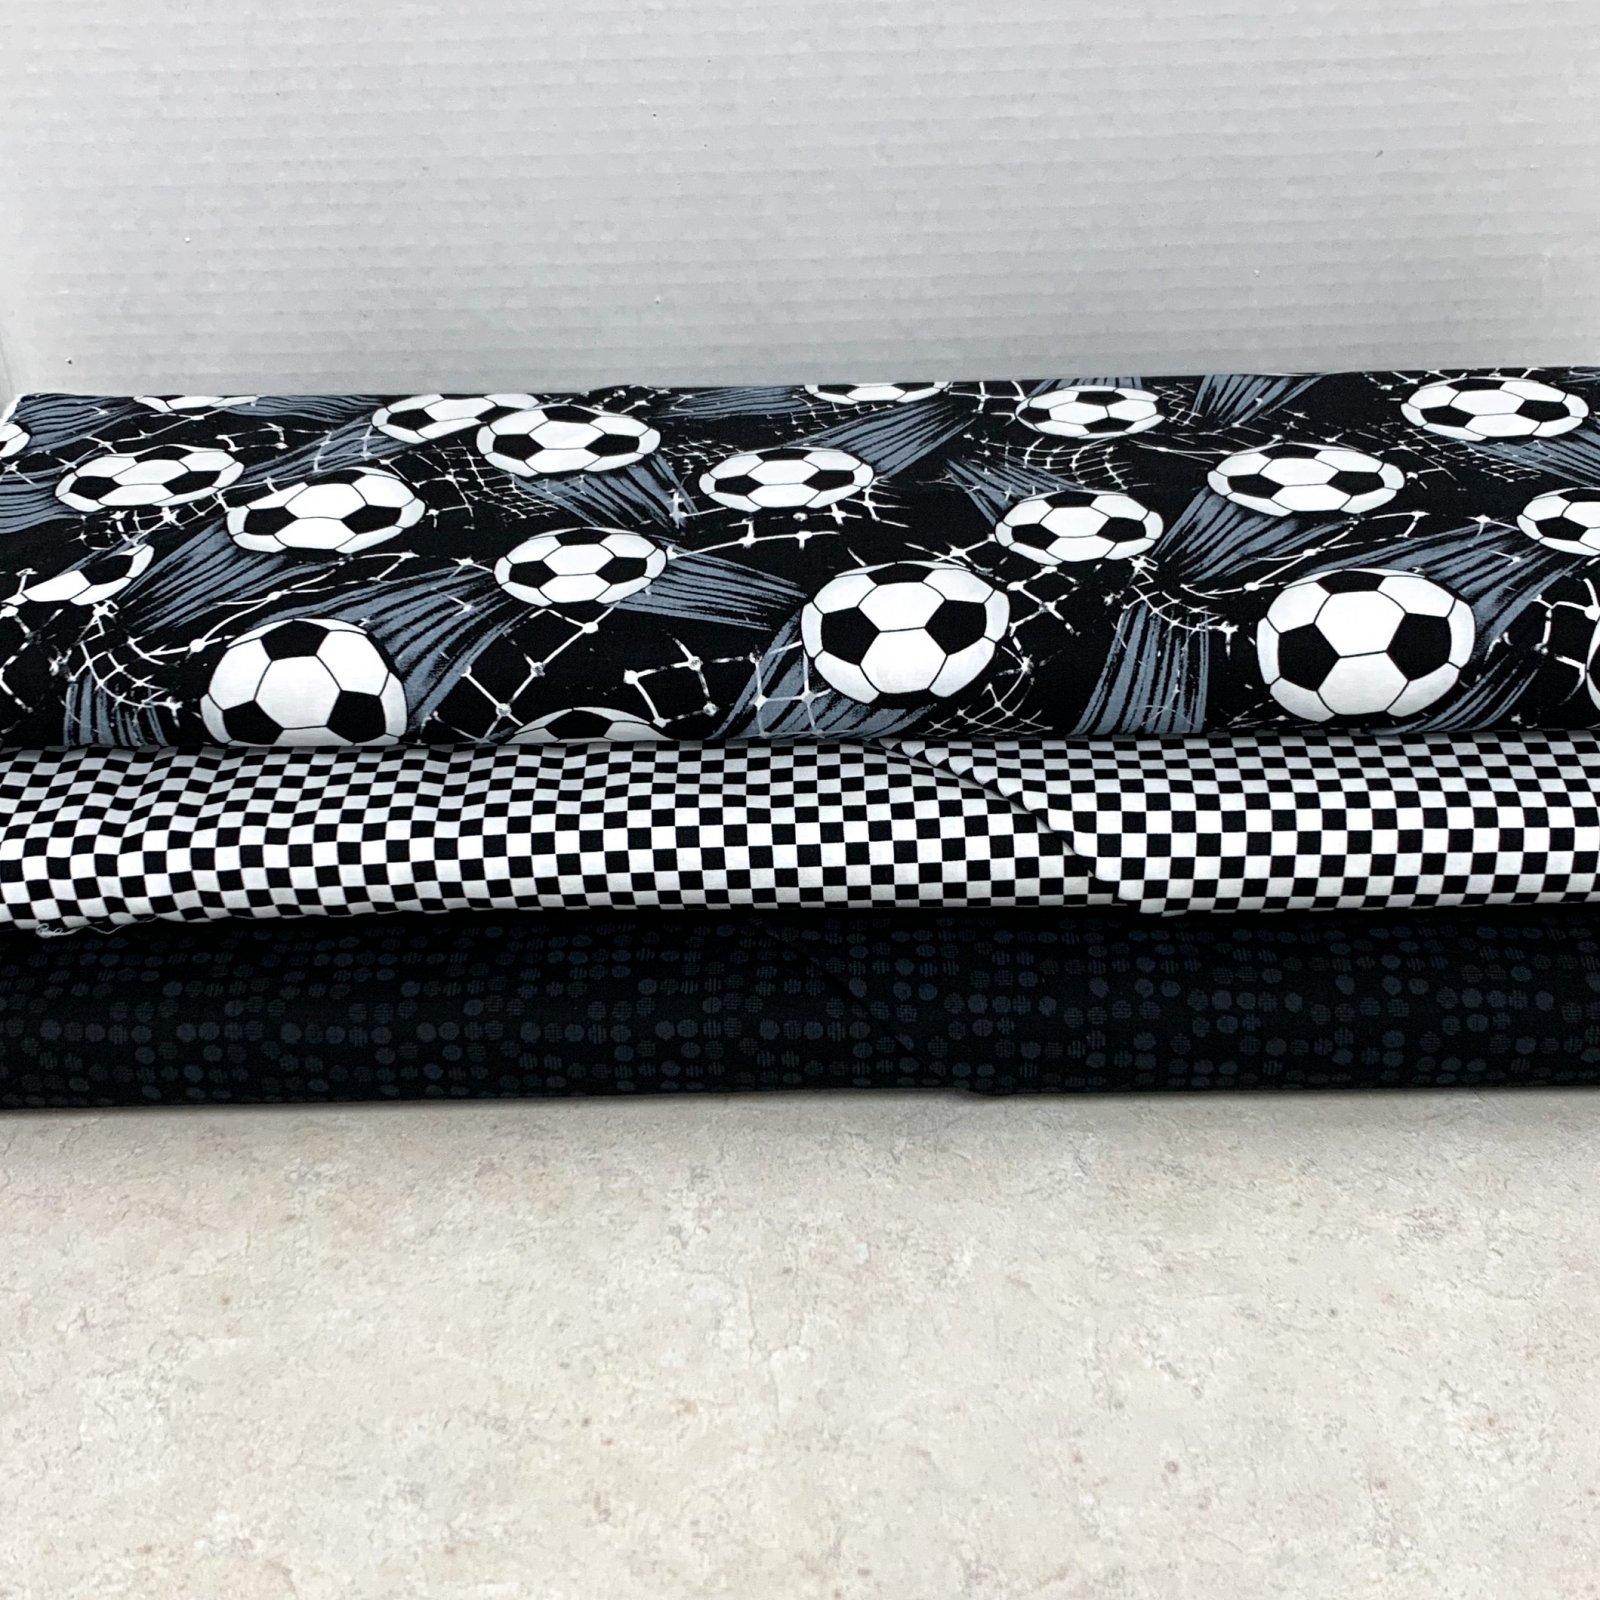 Creekside Soccer Star Pillowcase Kit